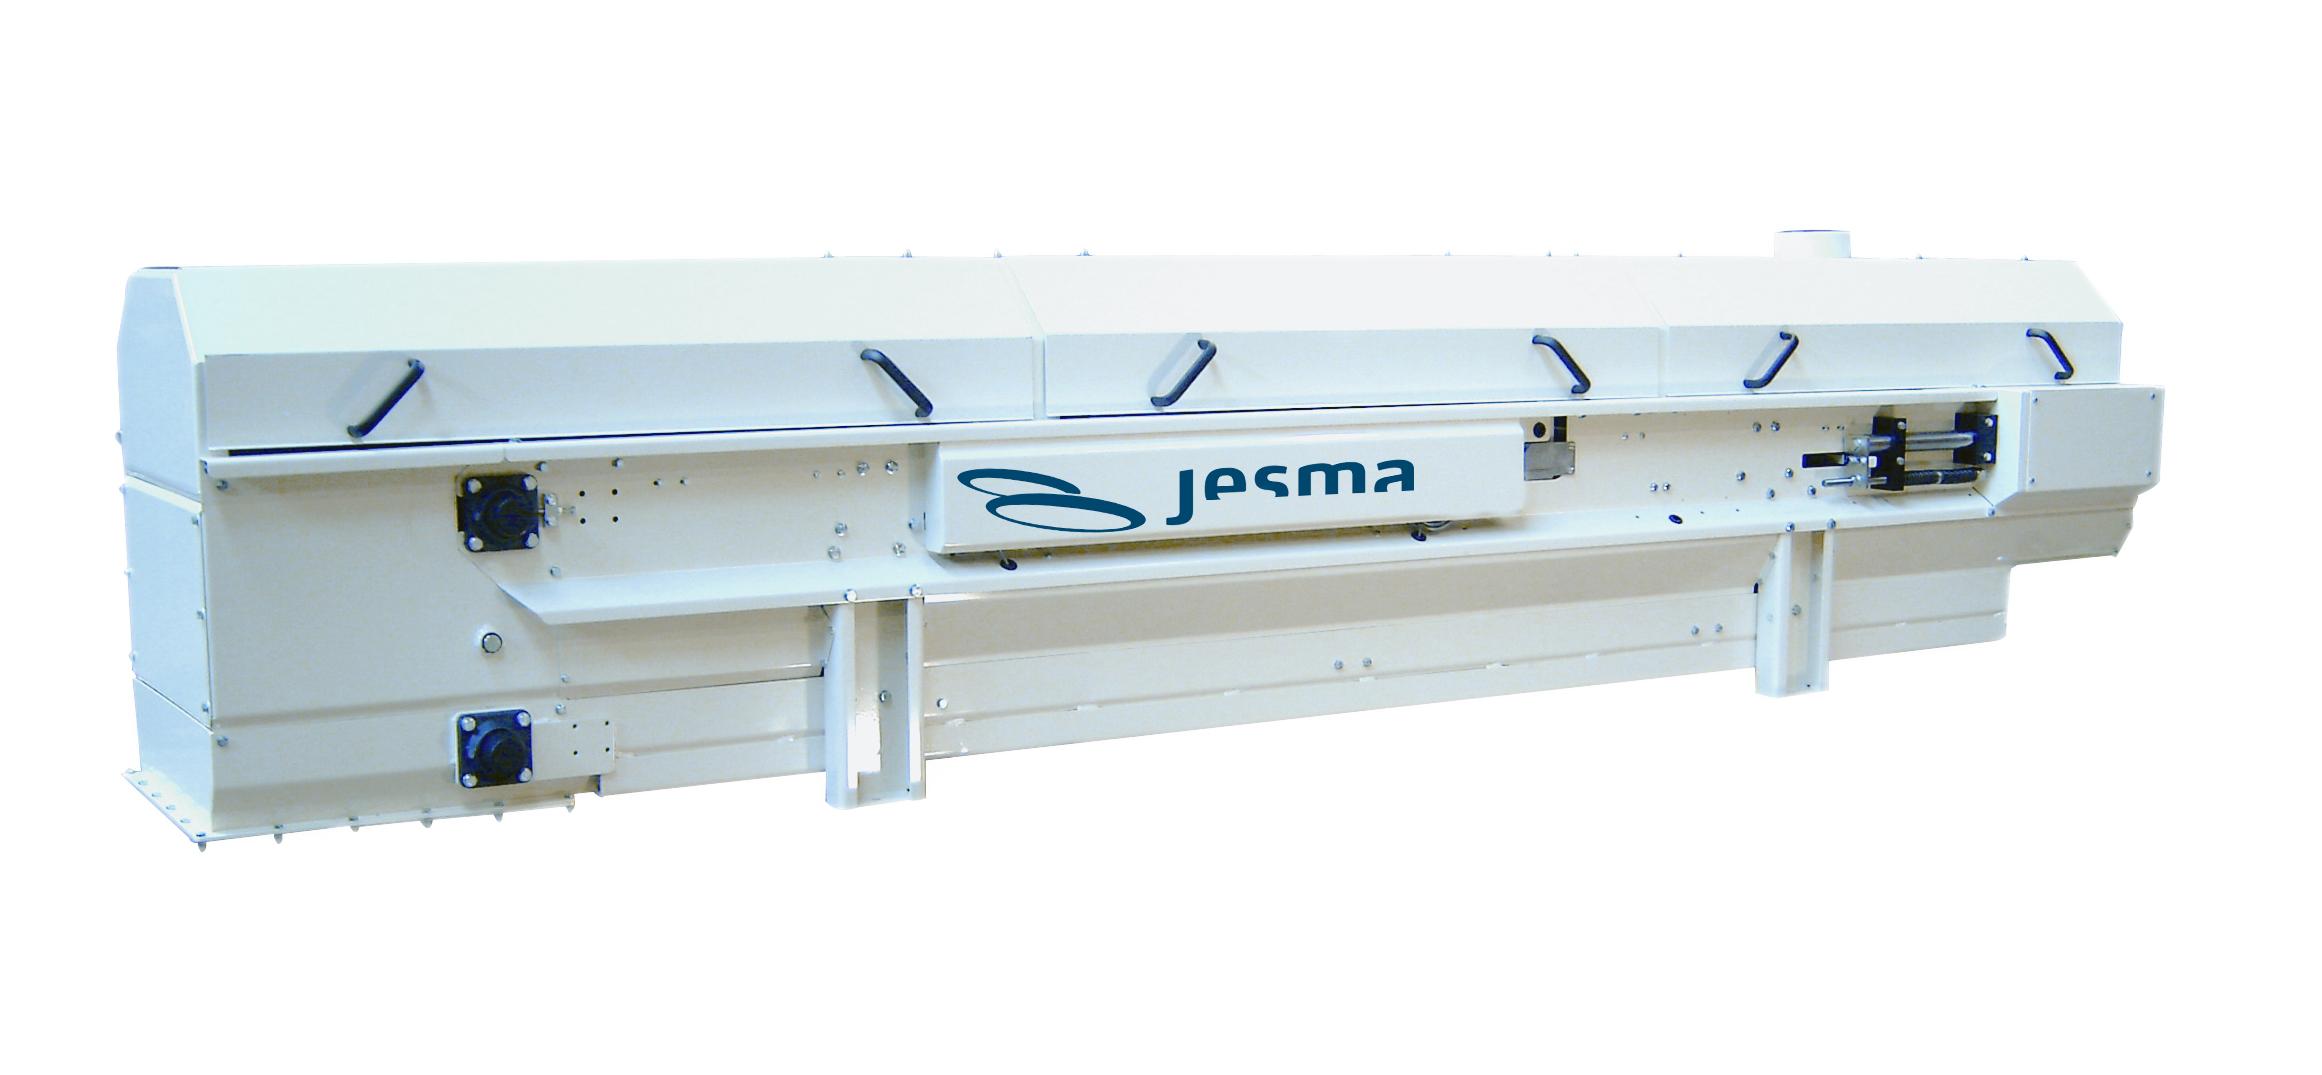 Båndvægten JesBelt A fra Jesma giver en meget stabil og nøjagtig vejning af bulk-materialer. JesBelt...